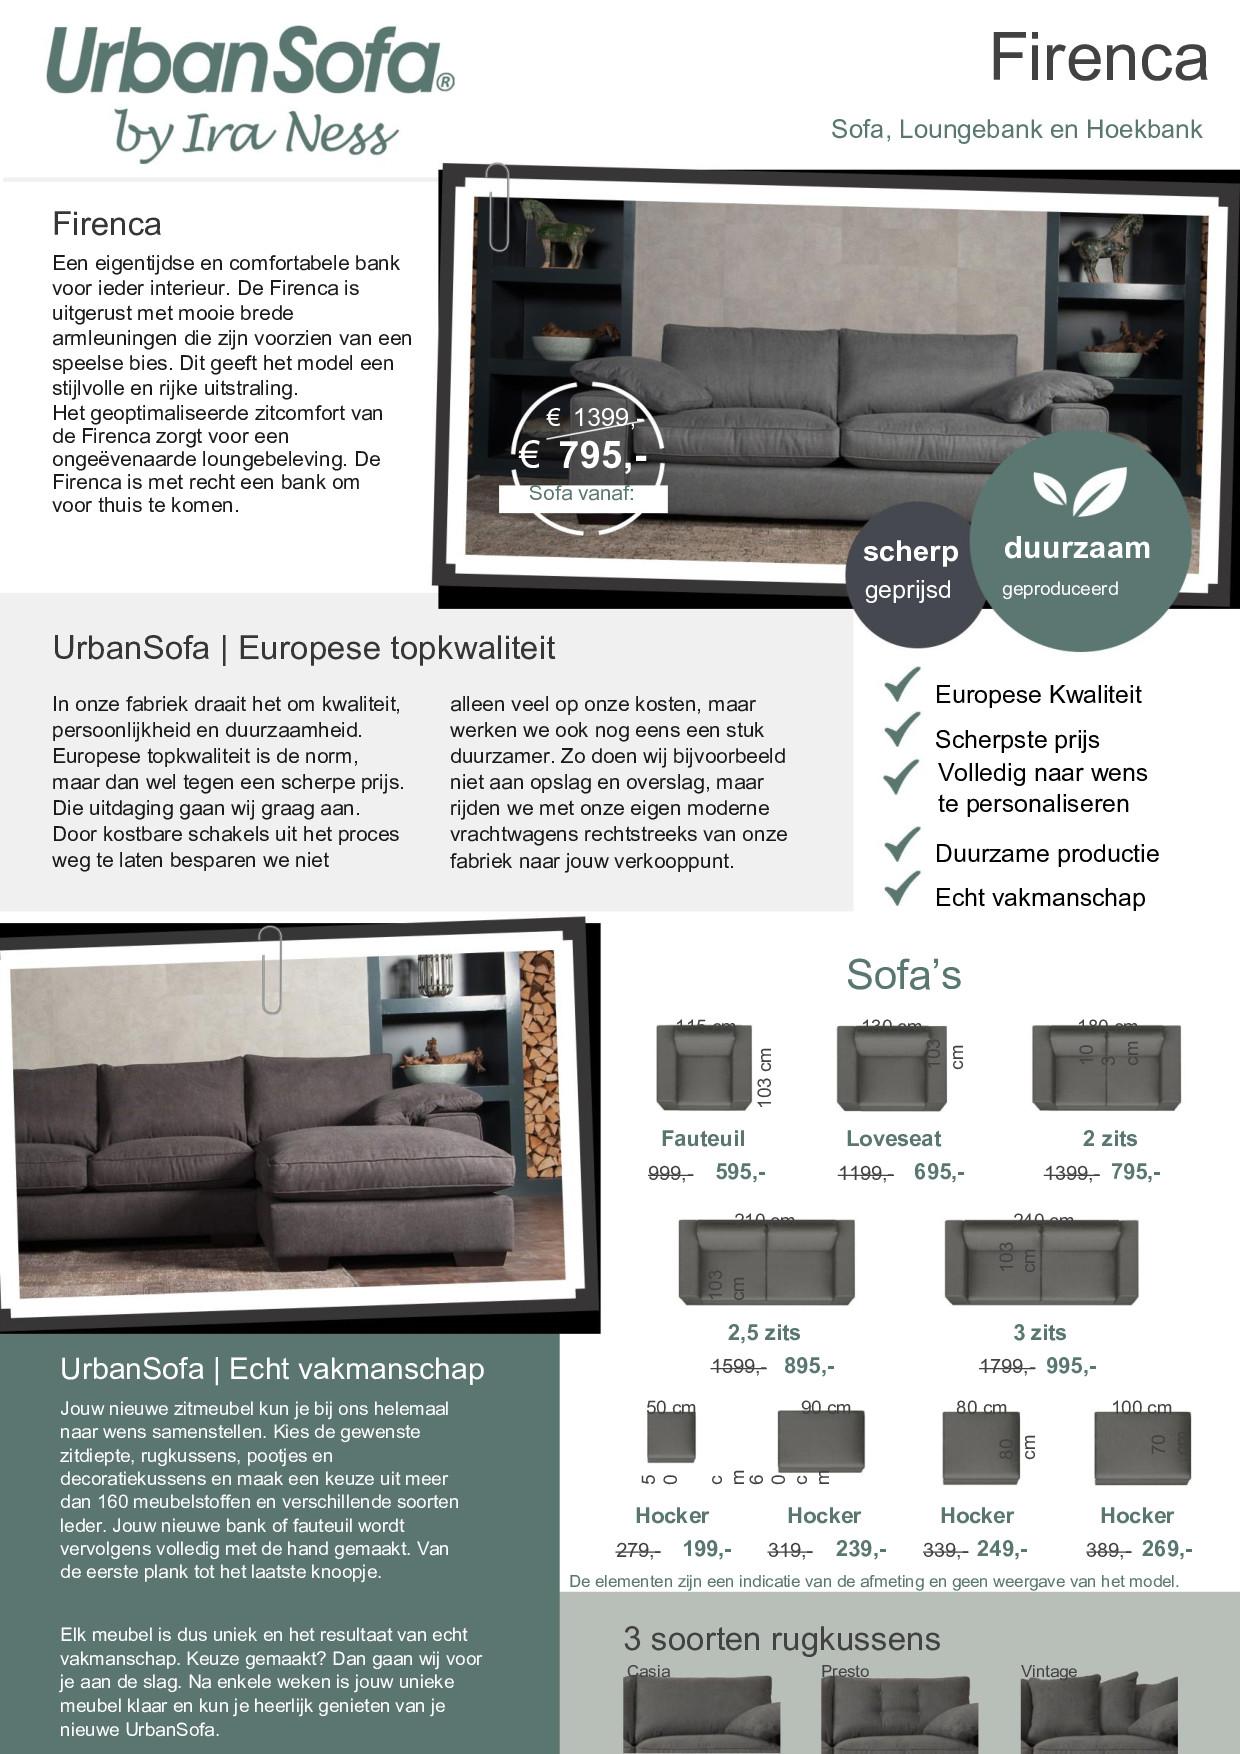 UrbanSofa-Firenca-Sofa-Loungebank-Hoekbank-1_p001